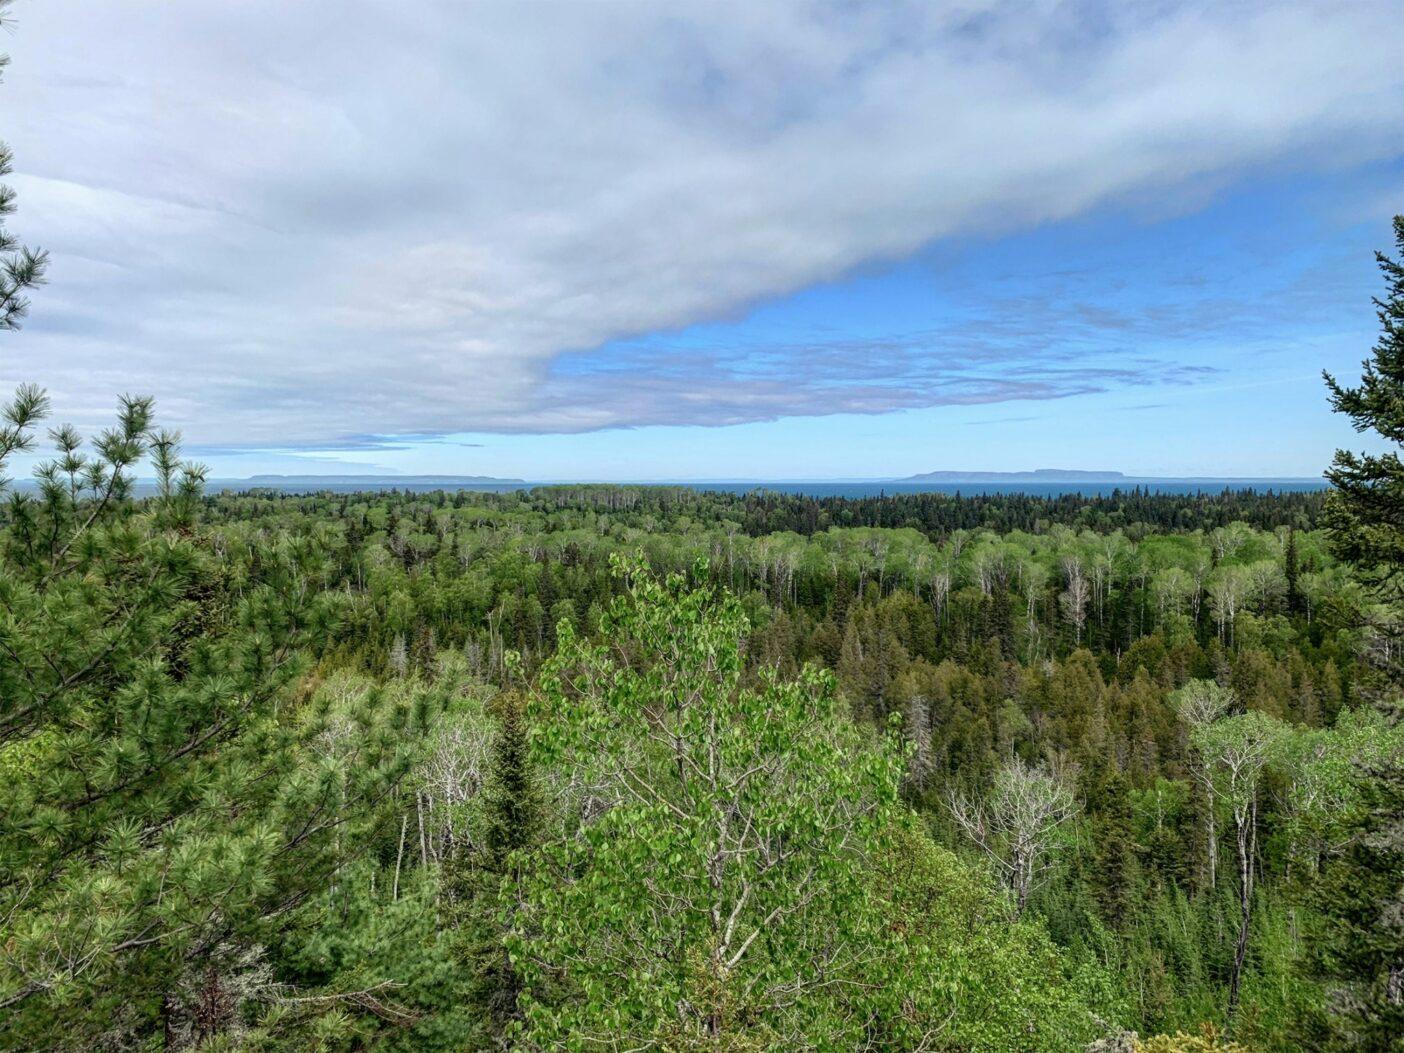 グリーンとブルーの層。北へカナダの島々を望む。Photo: Monica Prelle